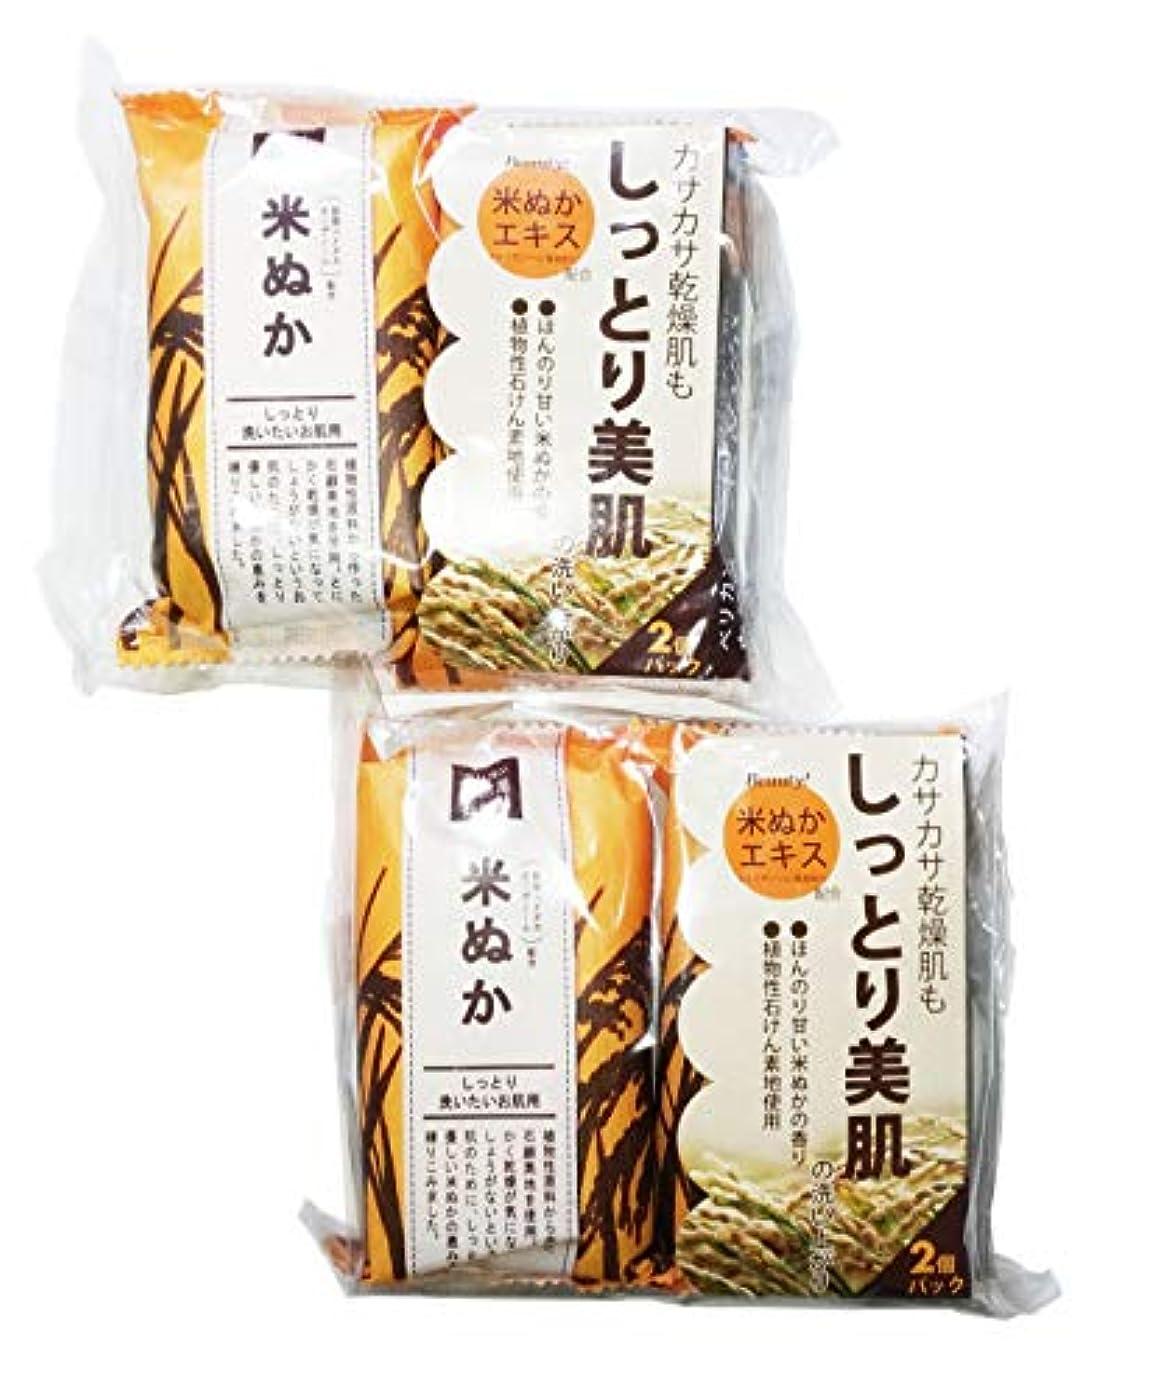 エネルギー運動するスキーペリカン石鹸 自然派石けん 米ぬか 100g (2個入×2袋セット)